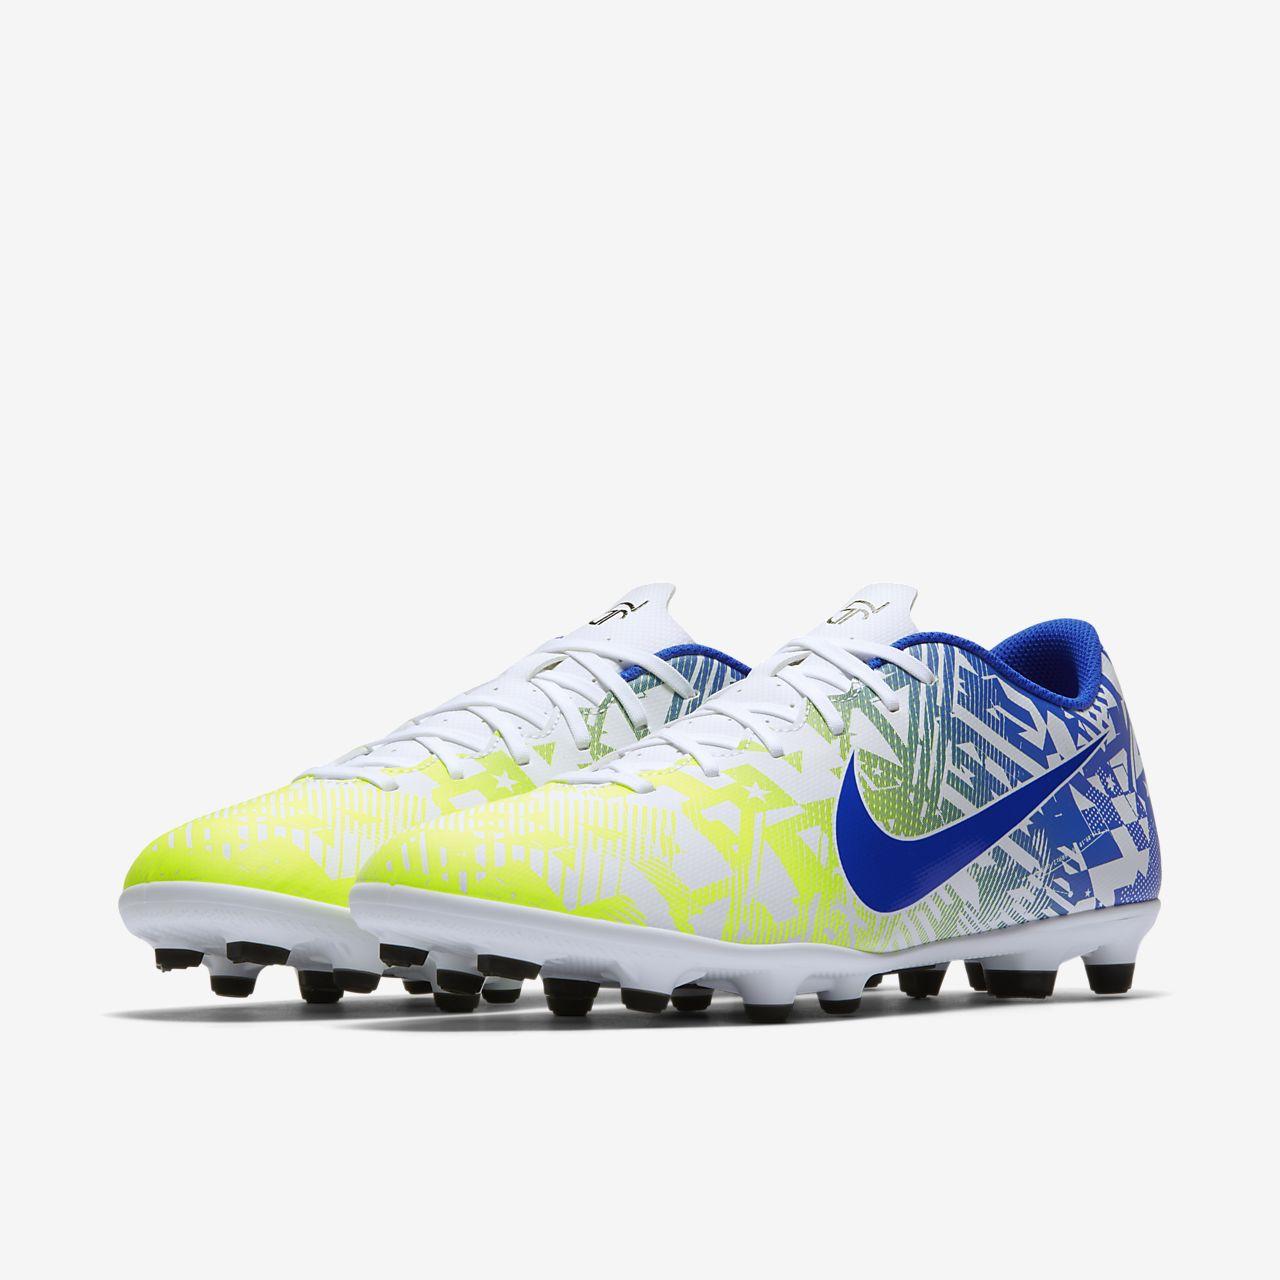 Nike Mercurial Vapor 13 Club Neymar Jr. MG Voetbalschoen (meerdere ondergronden)